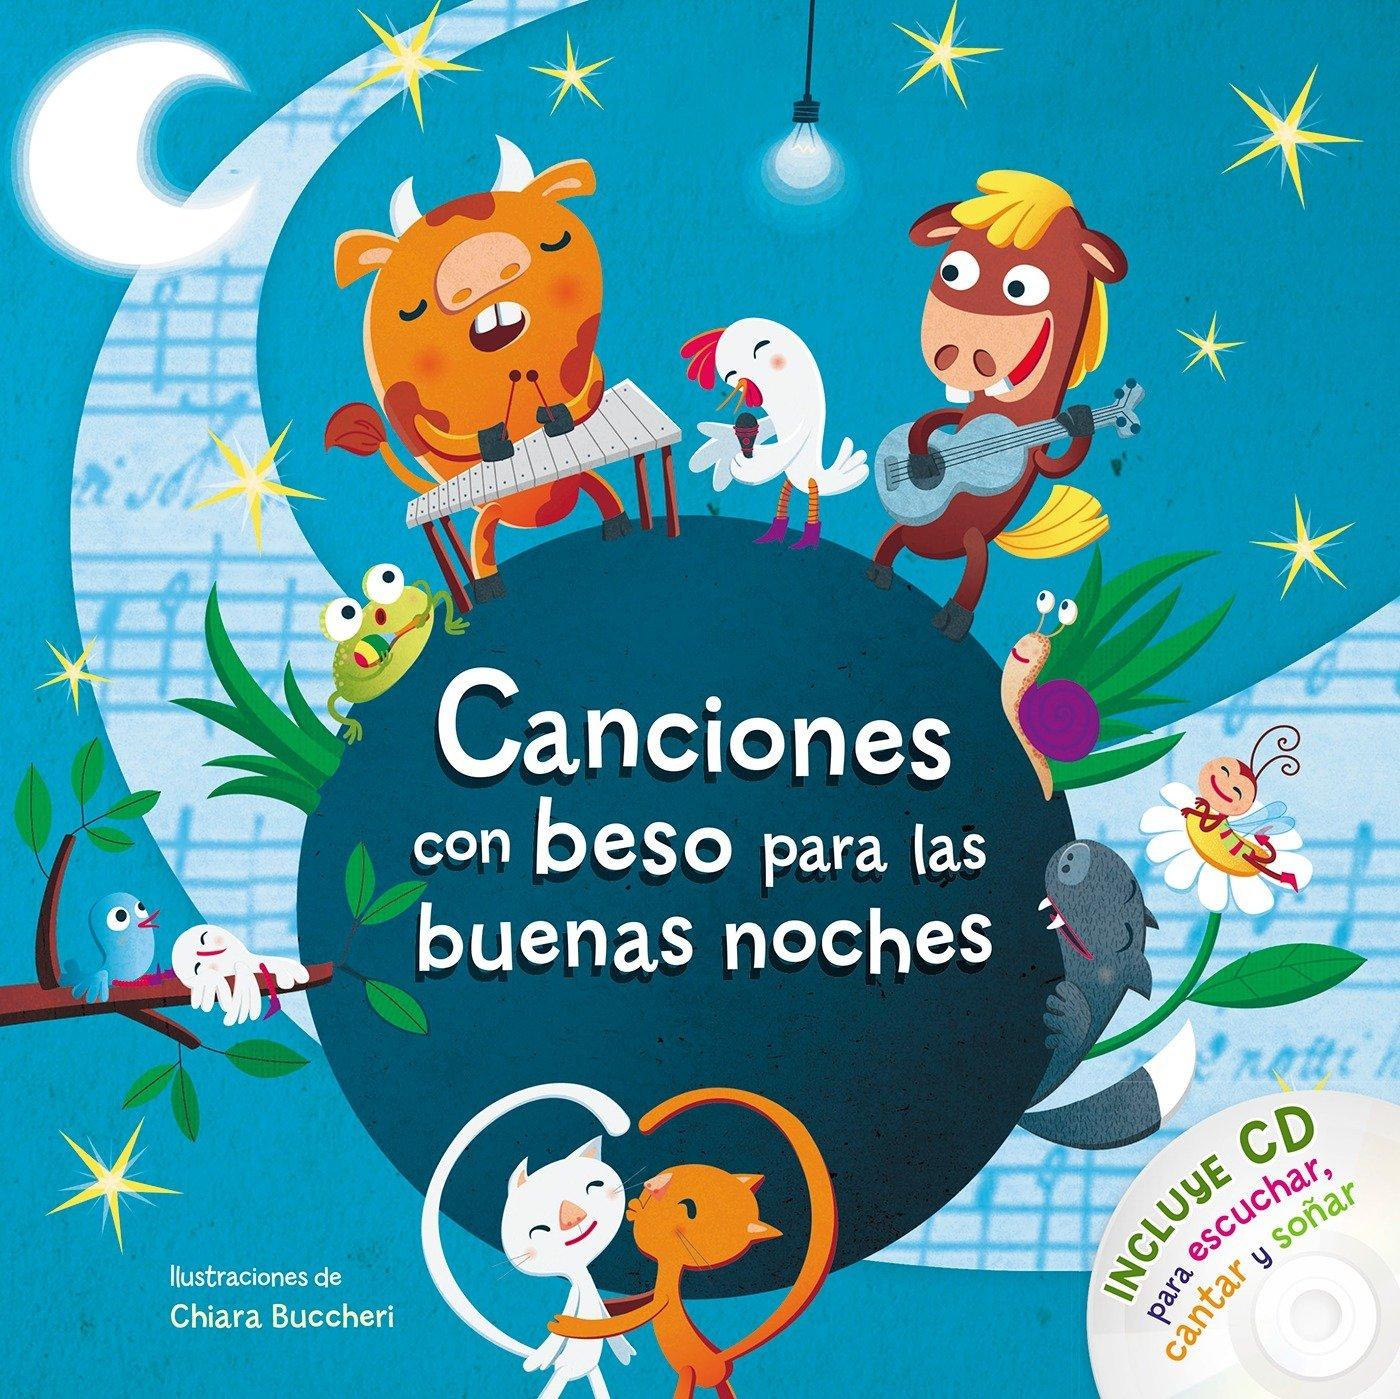 Amazon.com: Canciones con beso para las buenas noches ...